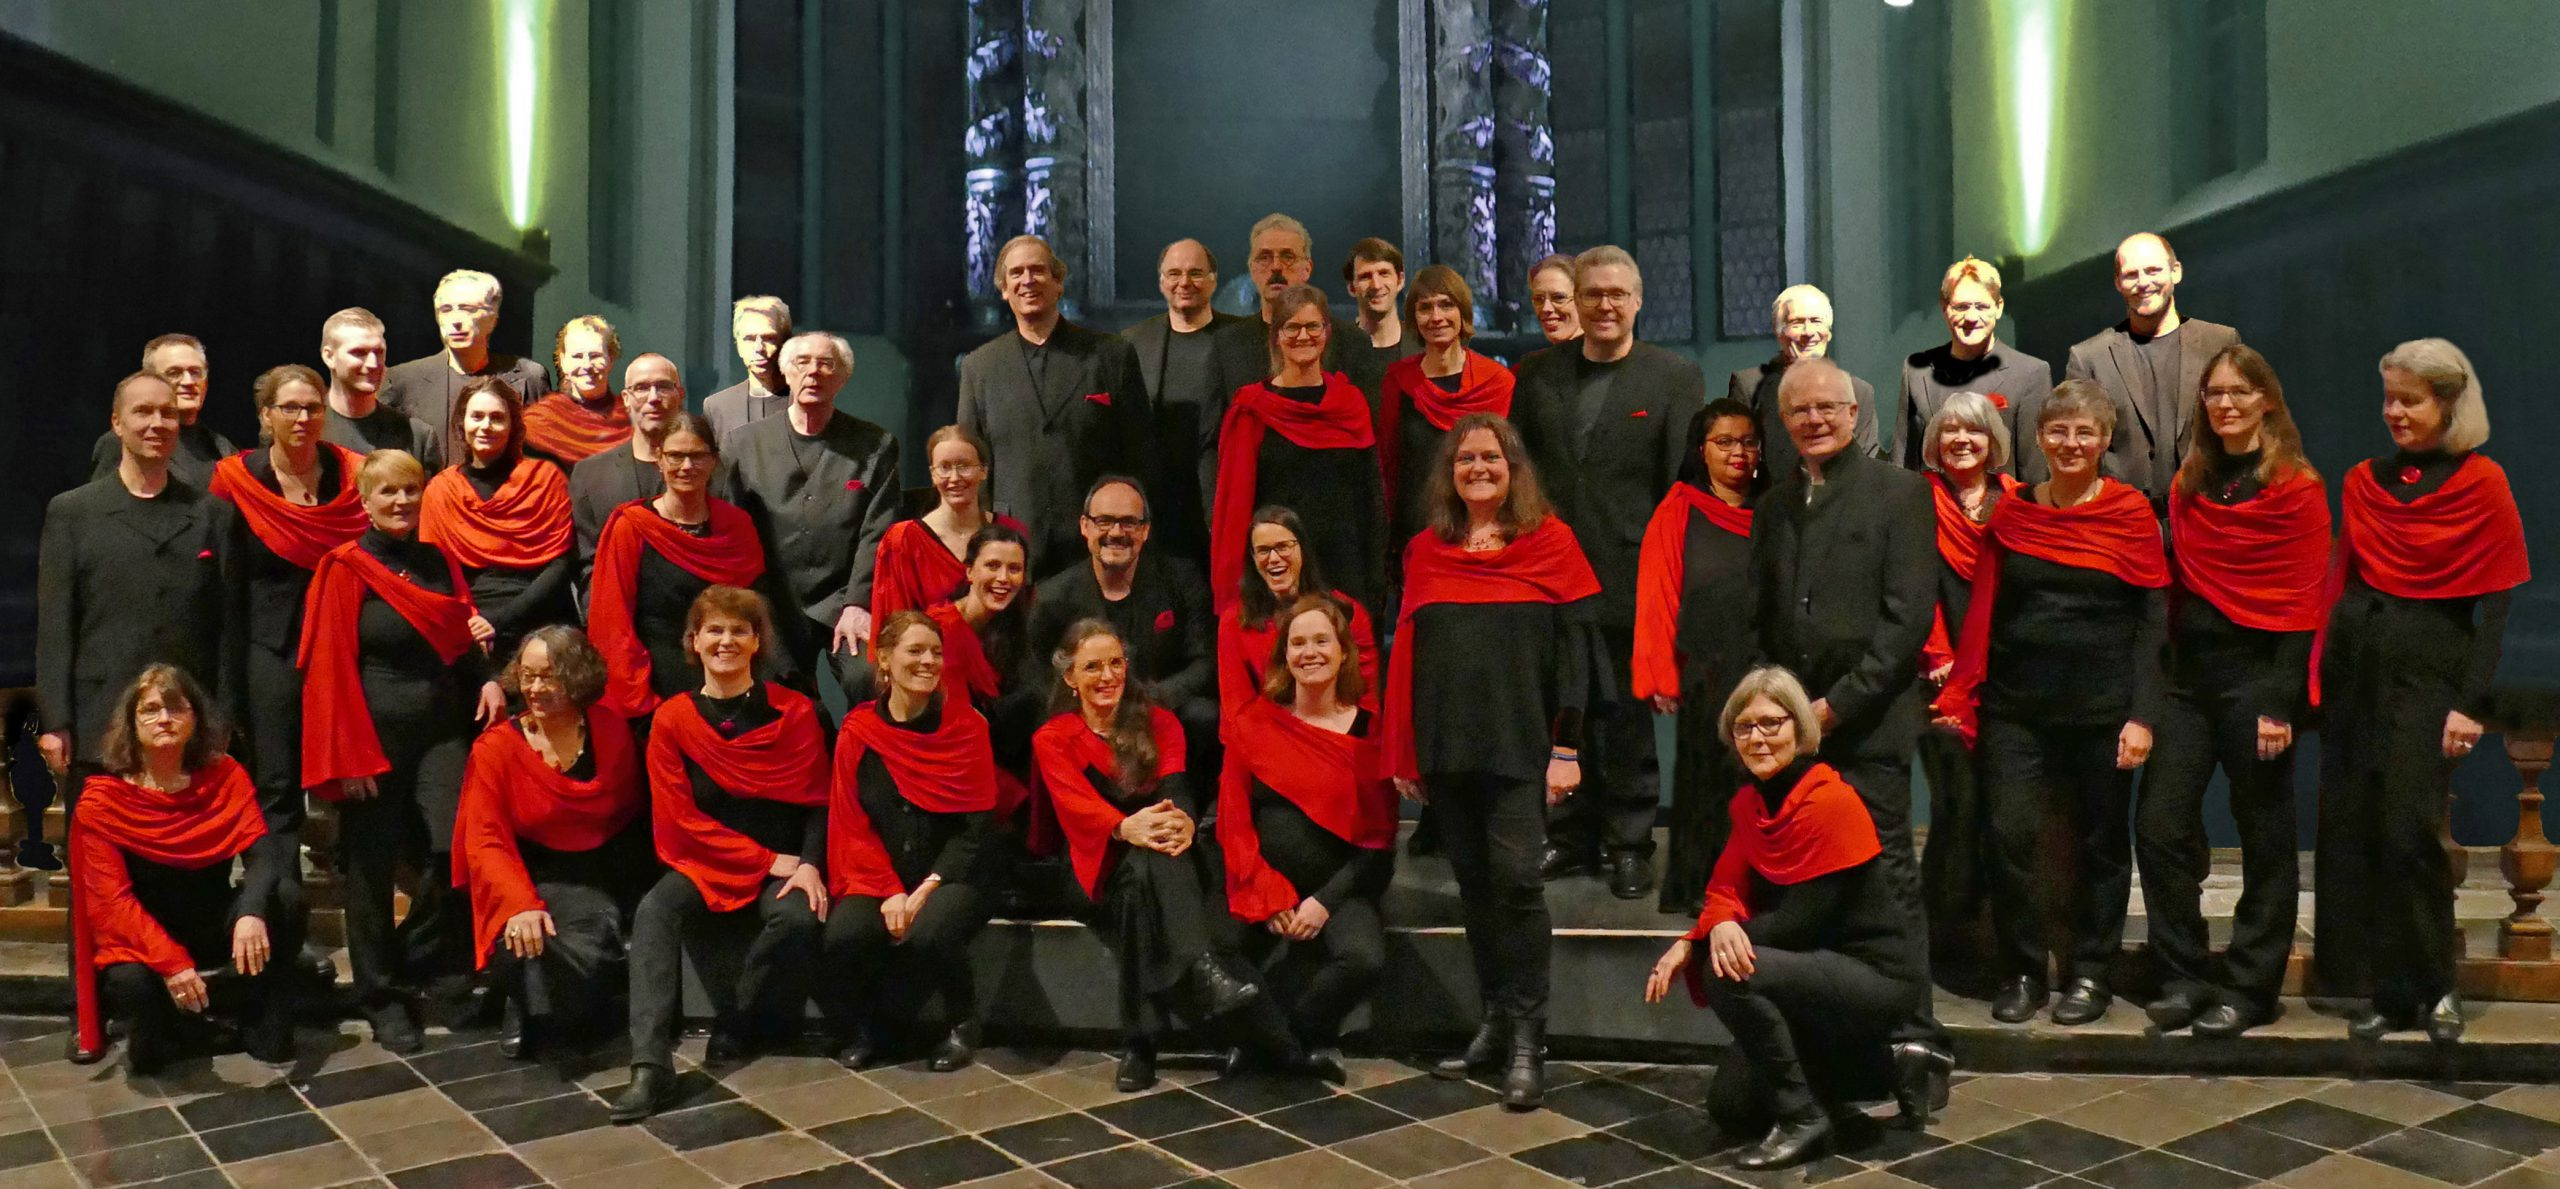 Der Aachener Kammerchor Carmina Mundi